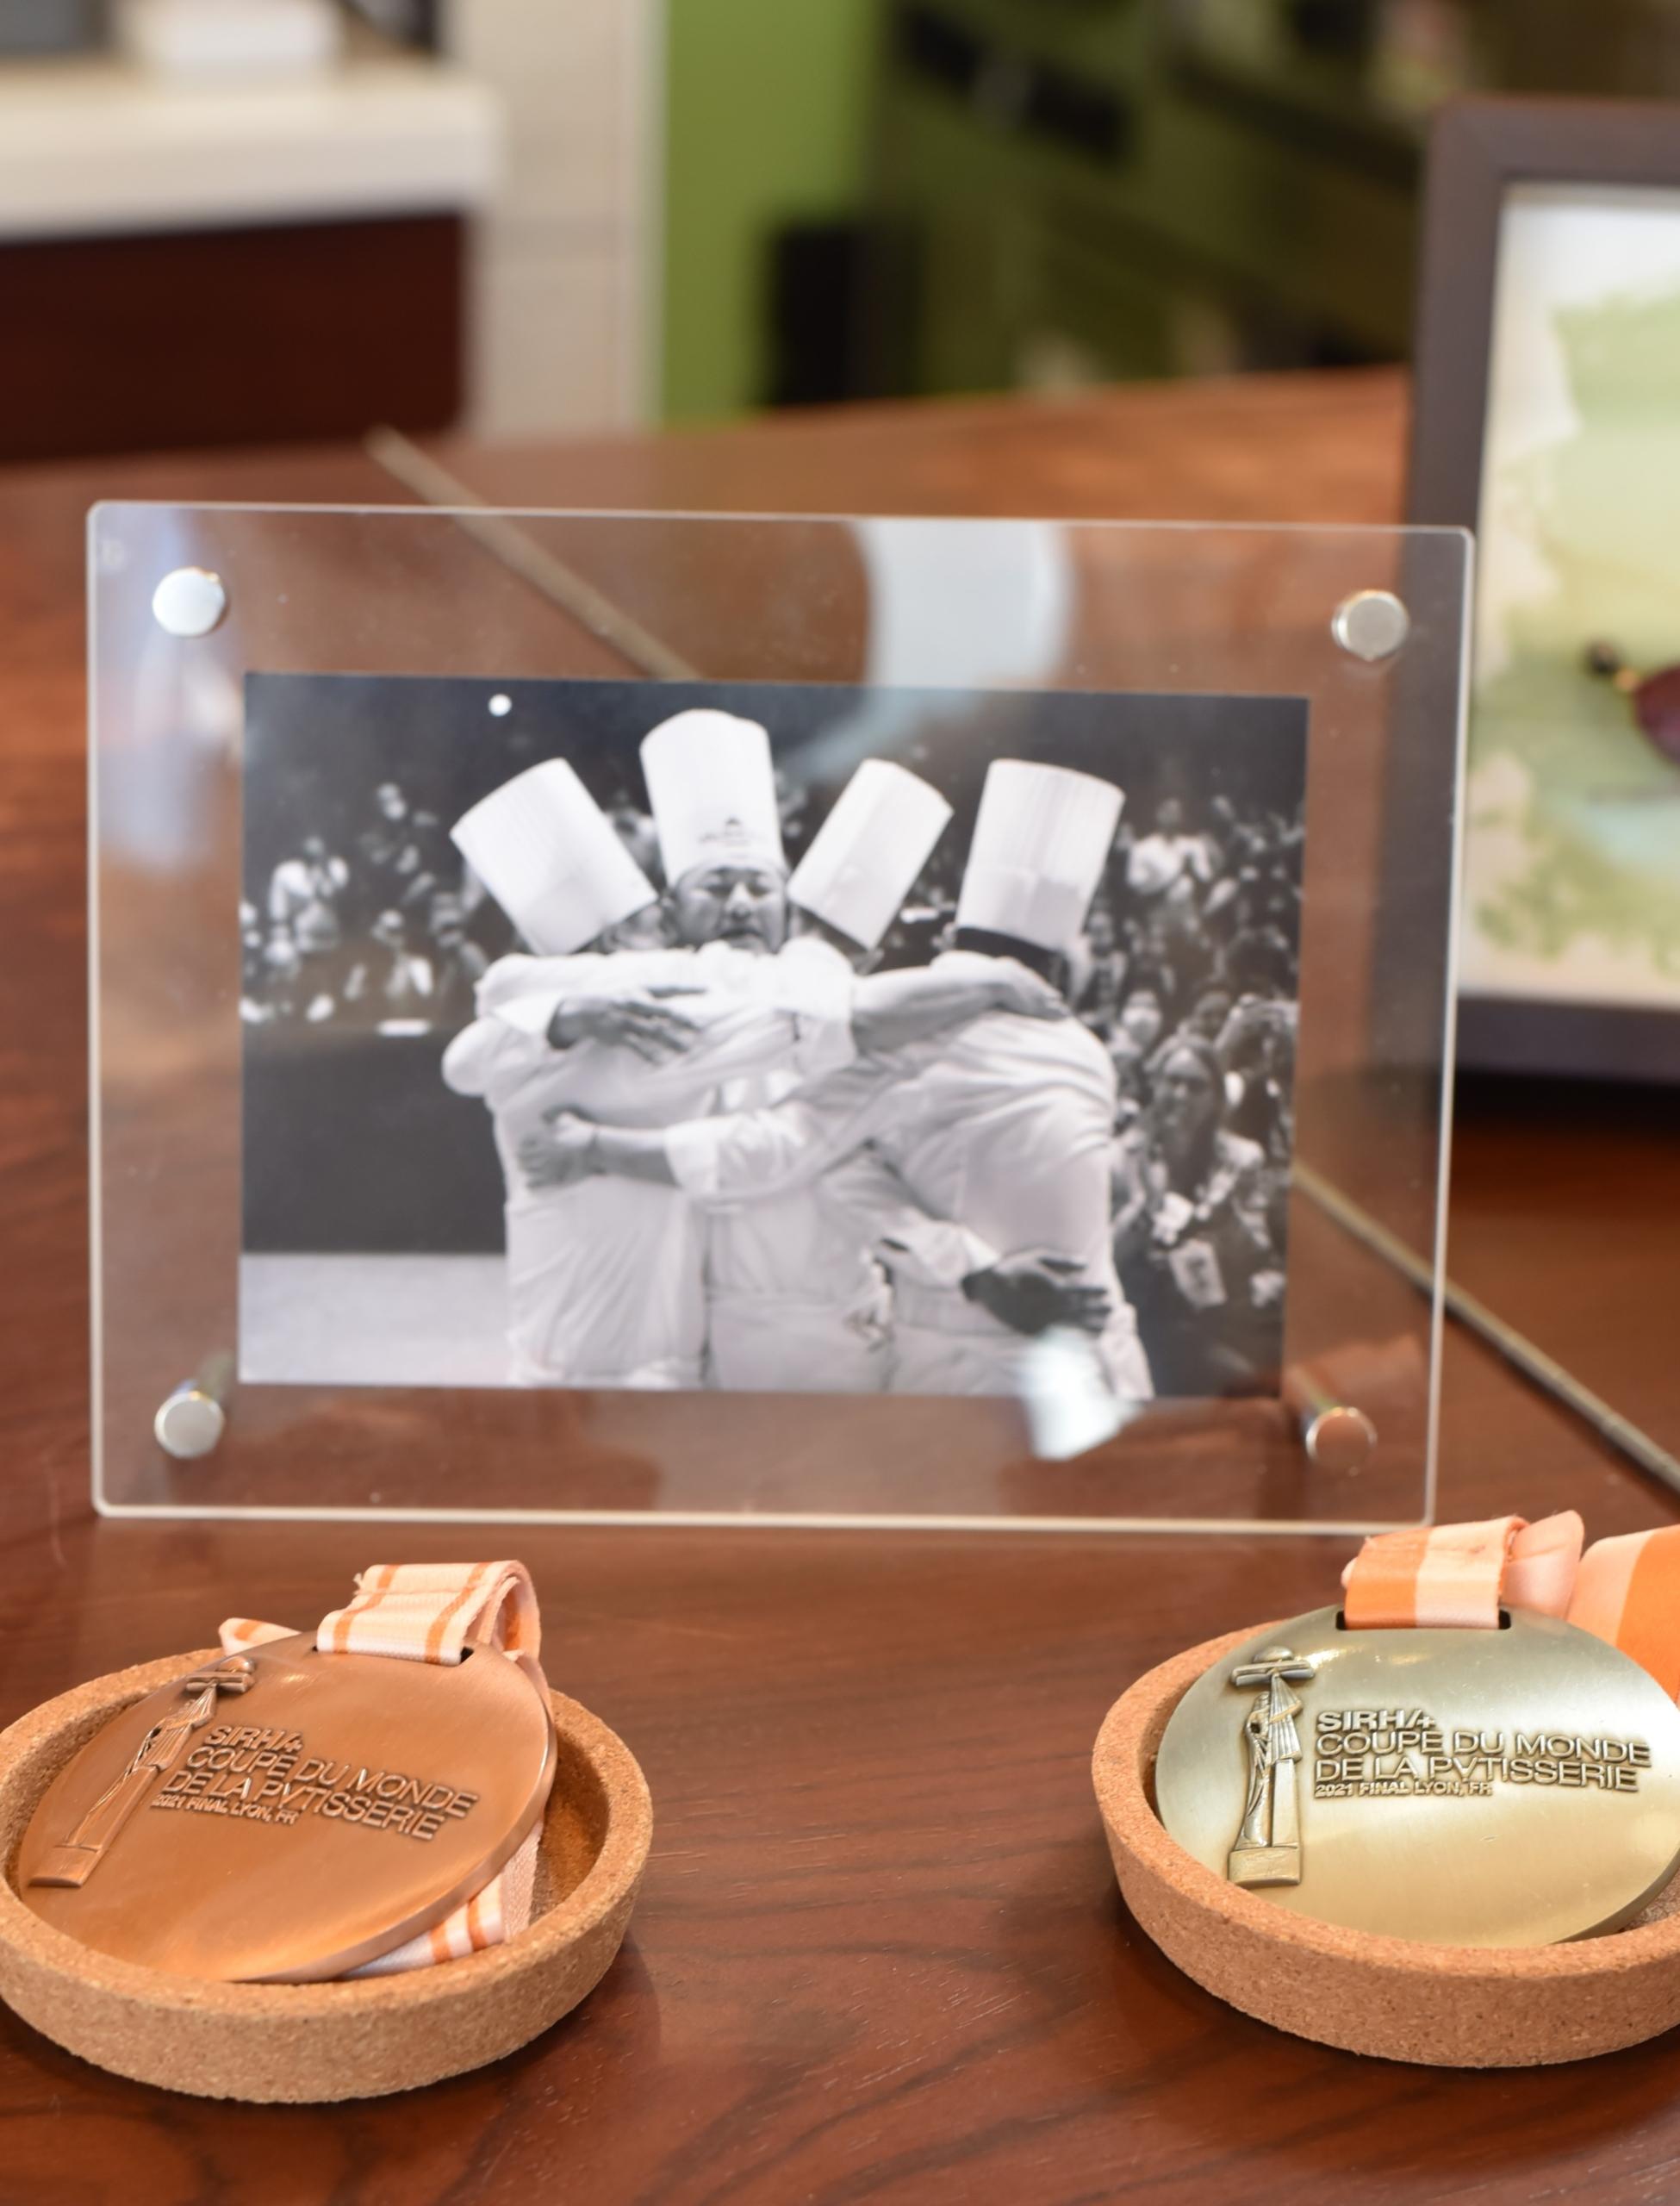 ラ・ローズジャポネ五十嵐宏シェフ 世界大会にて銀メダル獲得